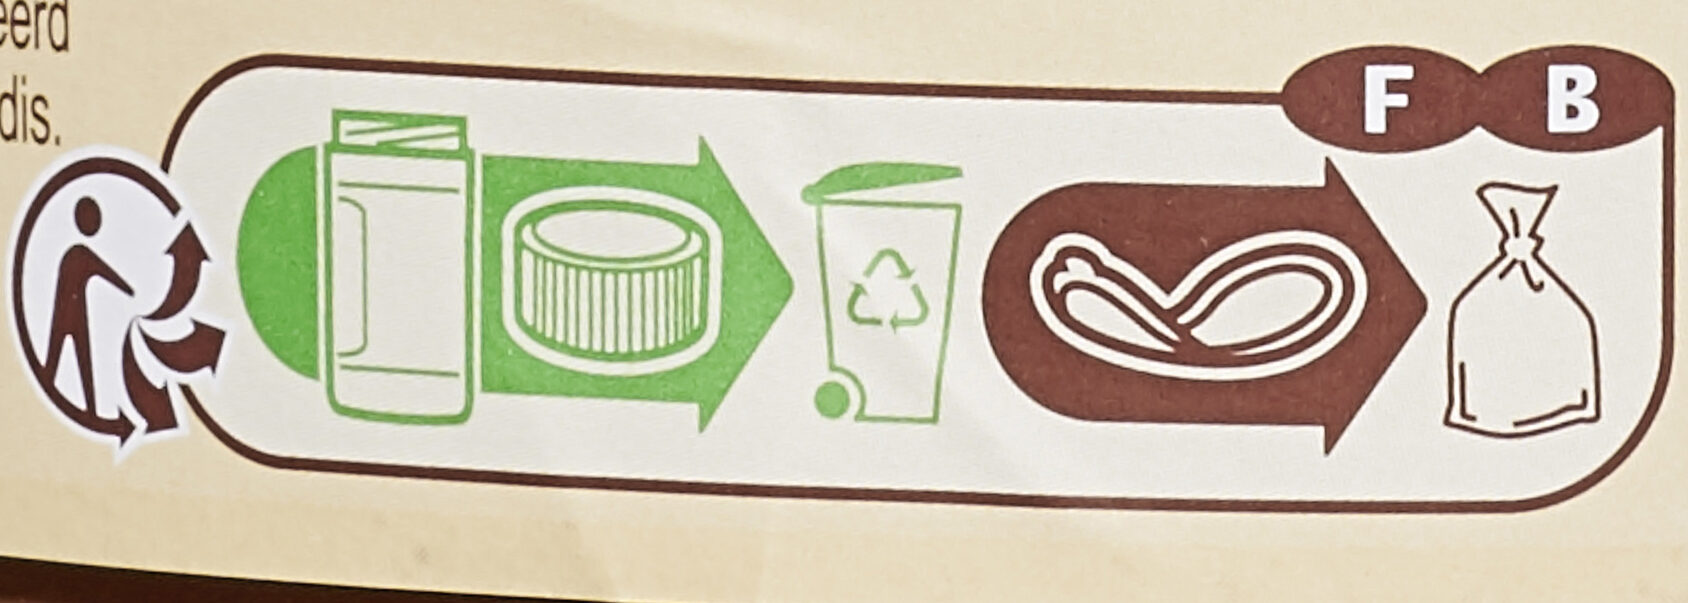 Pâte à tartiner - Istruzioni per il riciclaggio e/o informazioni sull'imballaggio - fr